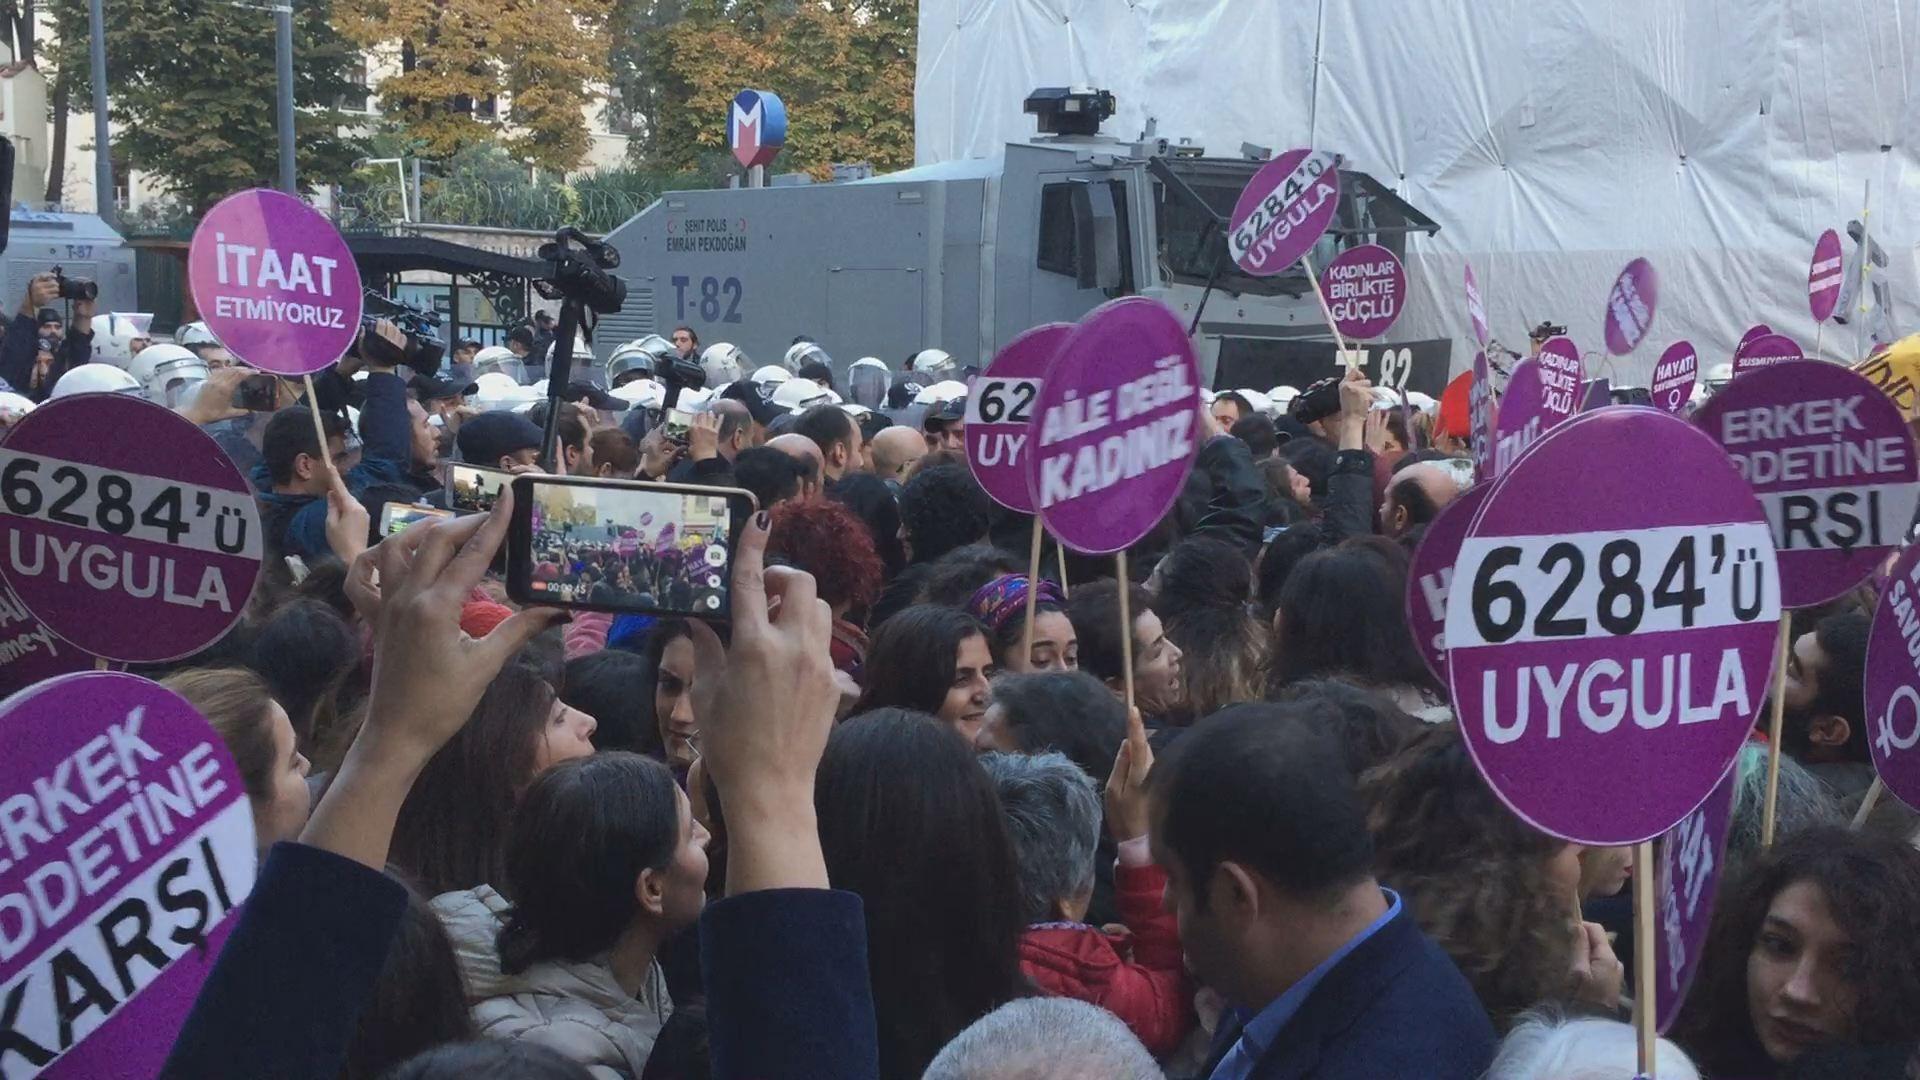 La policía turca impide una marcha contra la violencia machista en Estambul